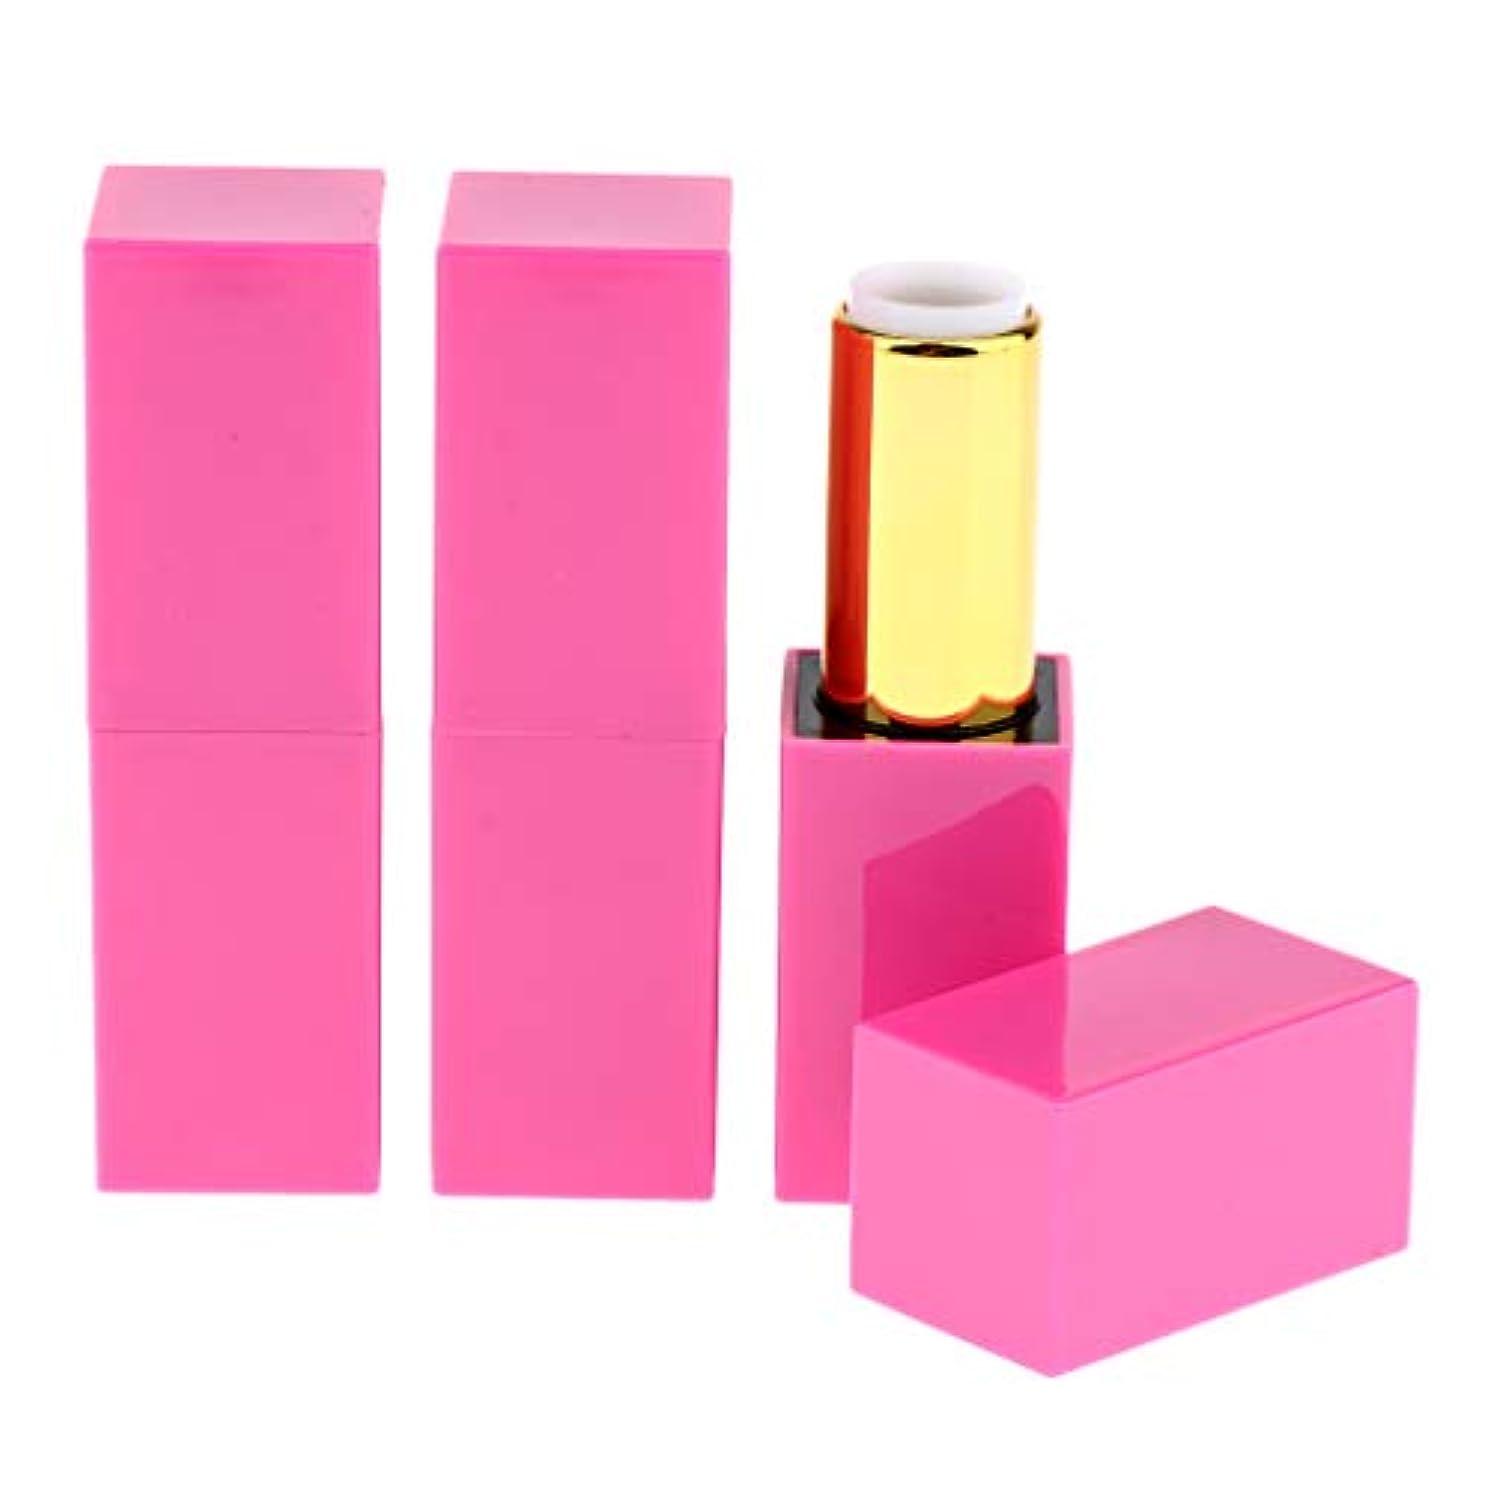 対分割十代3点入り 化粧チューブ 空の口紅チューブ リップグロスチューブ リップクリーム容器